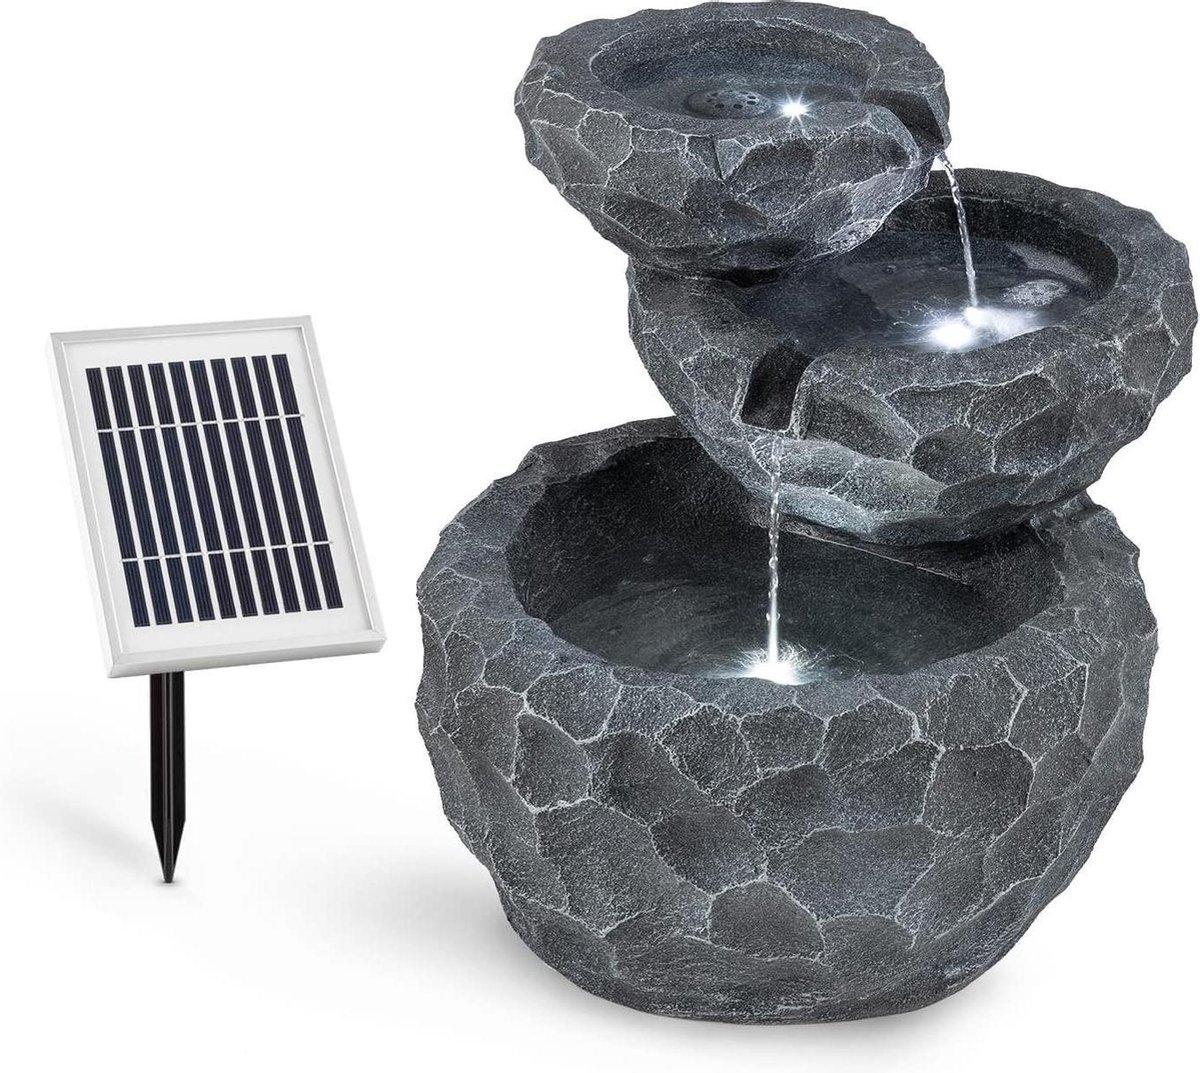 tuinfontein cascade fontein binnenfontein (werkt op batterijen, 2 watt zonnepaneel, 3 leds voor verlichting) grijs, waterfontein, tuinfontein, waterfontein buiten